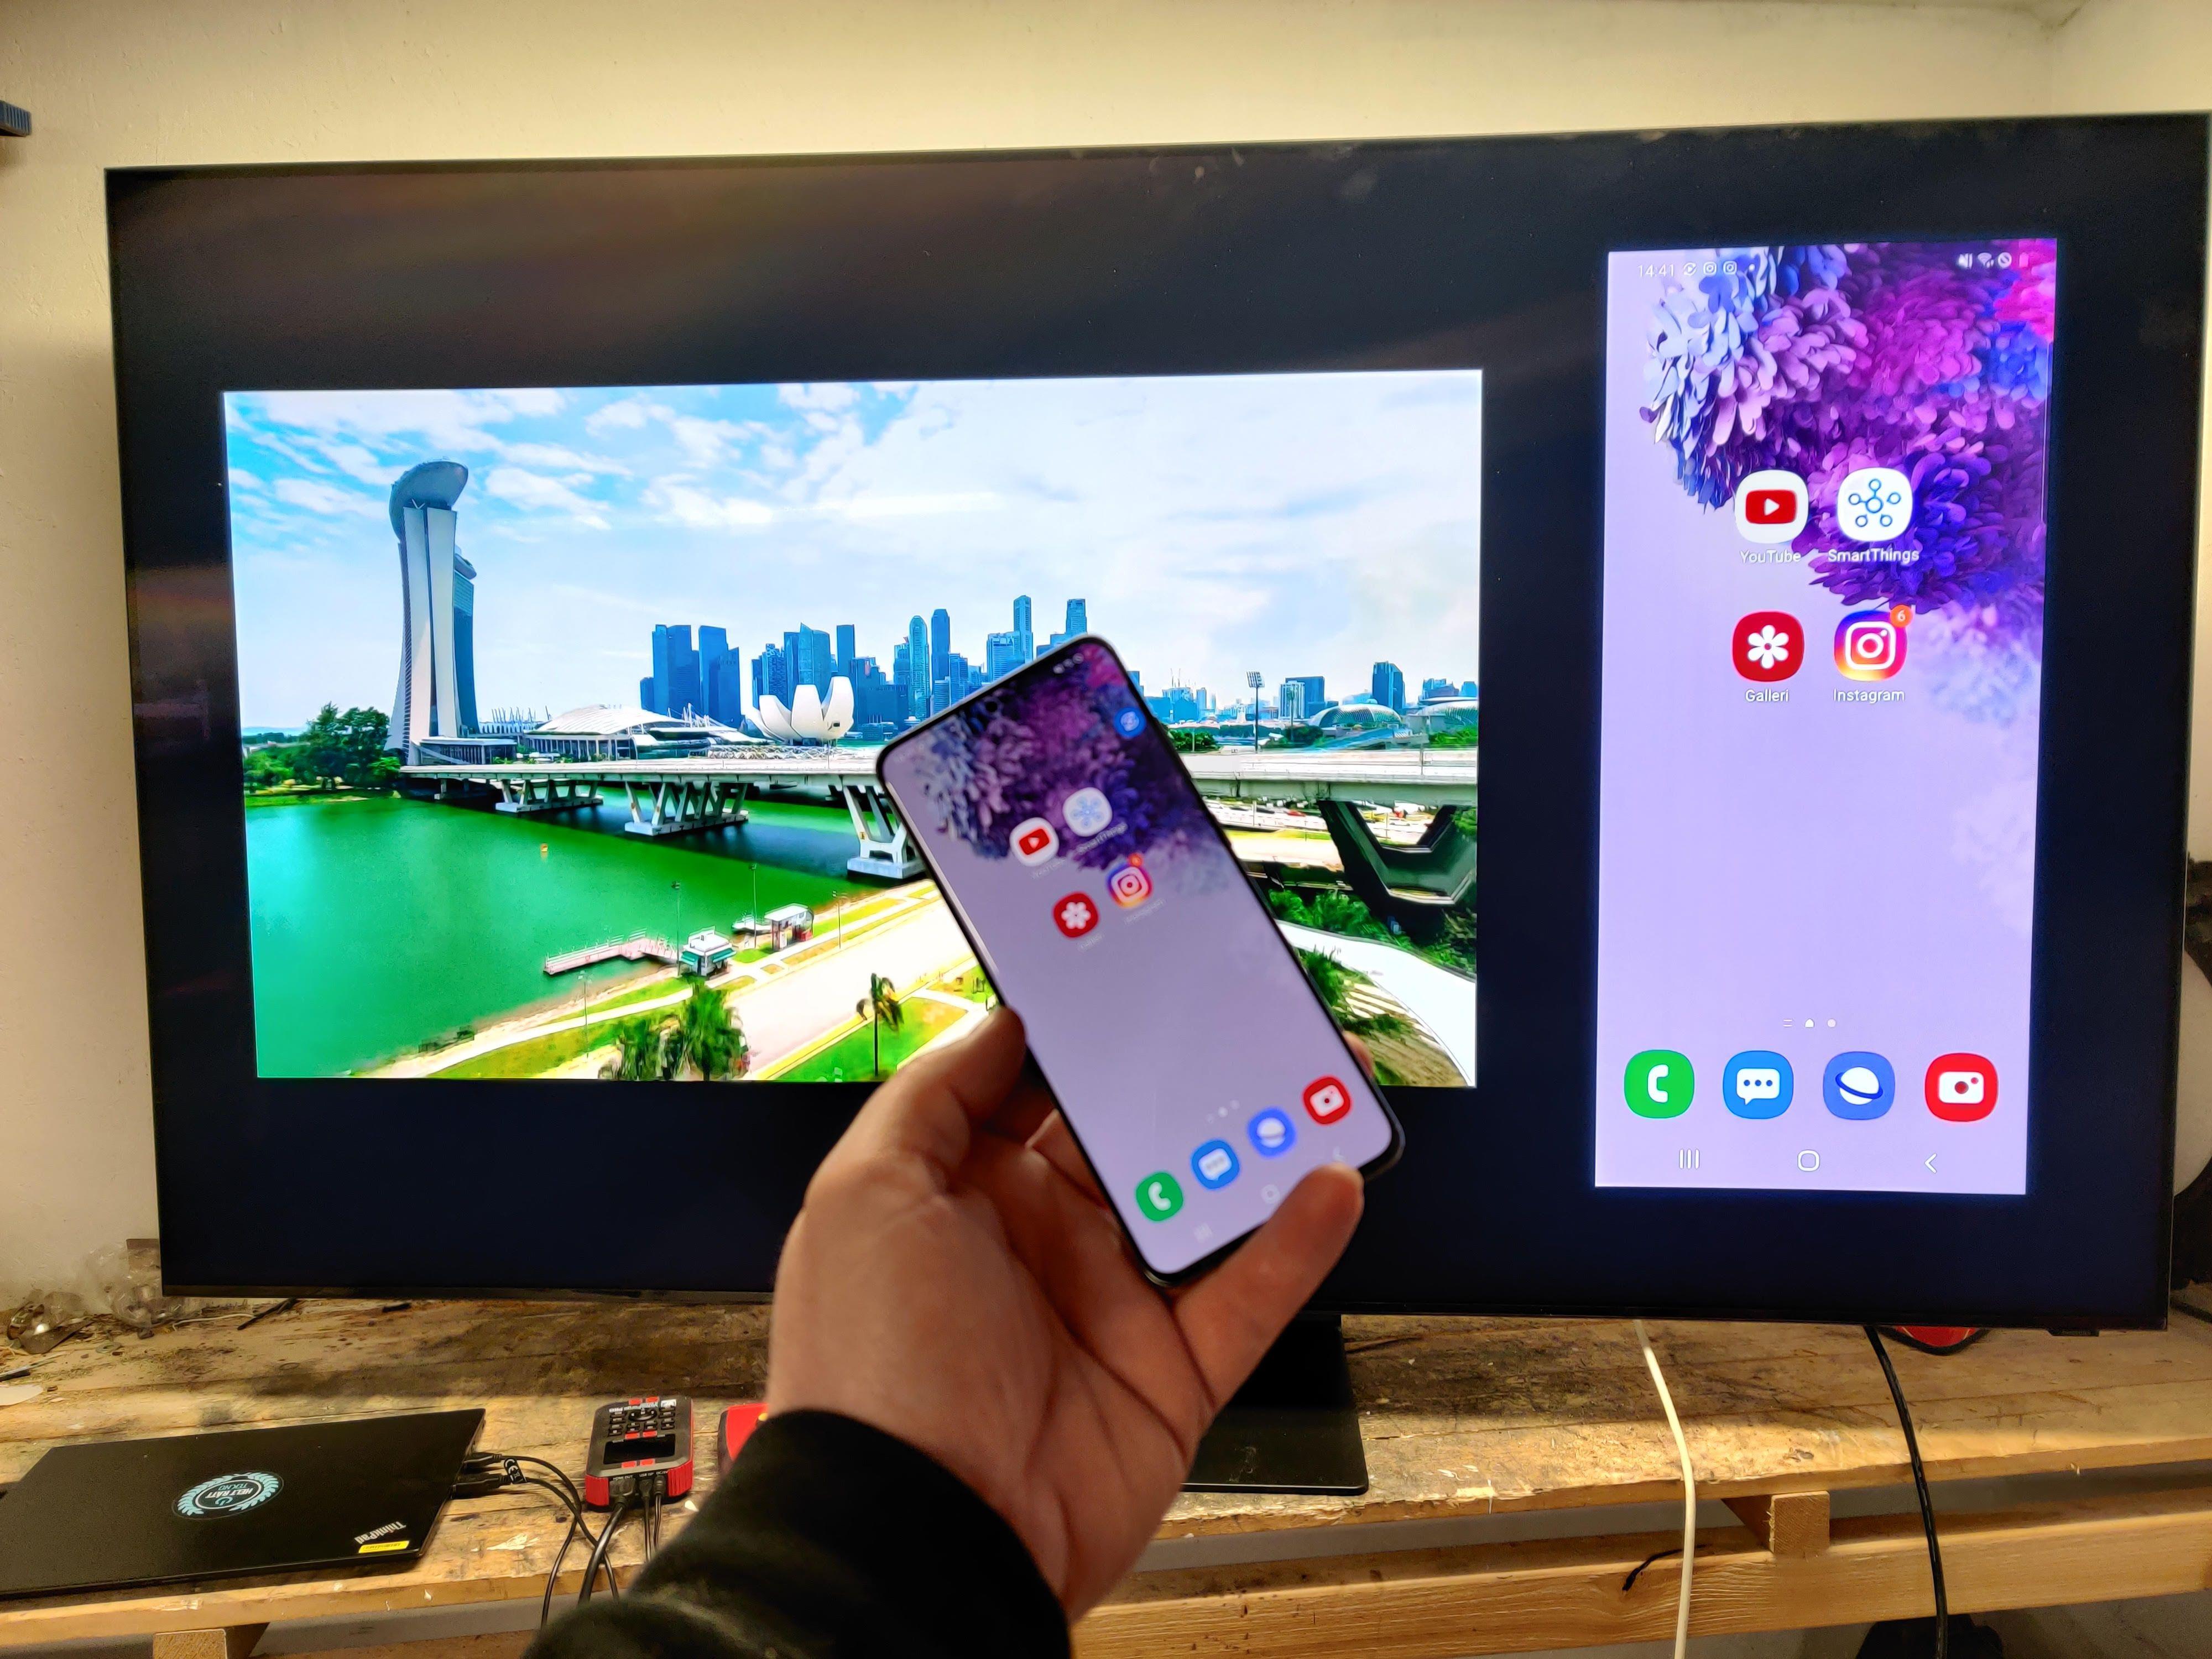 Du kan enkelte speile telefonen din på TV-en.